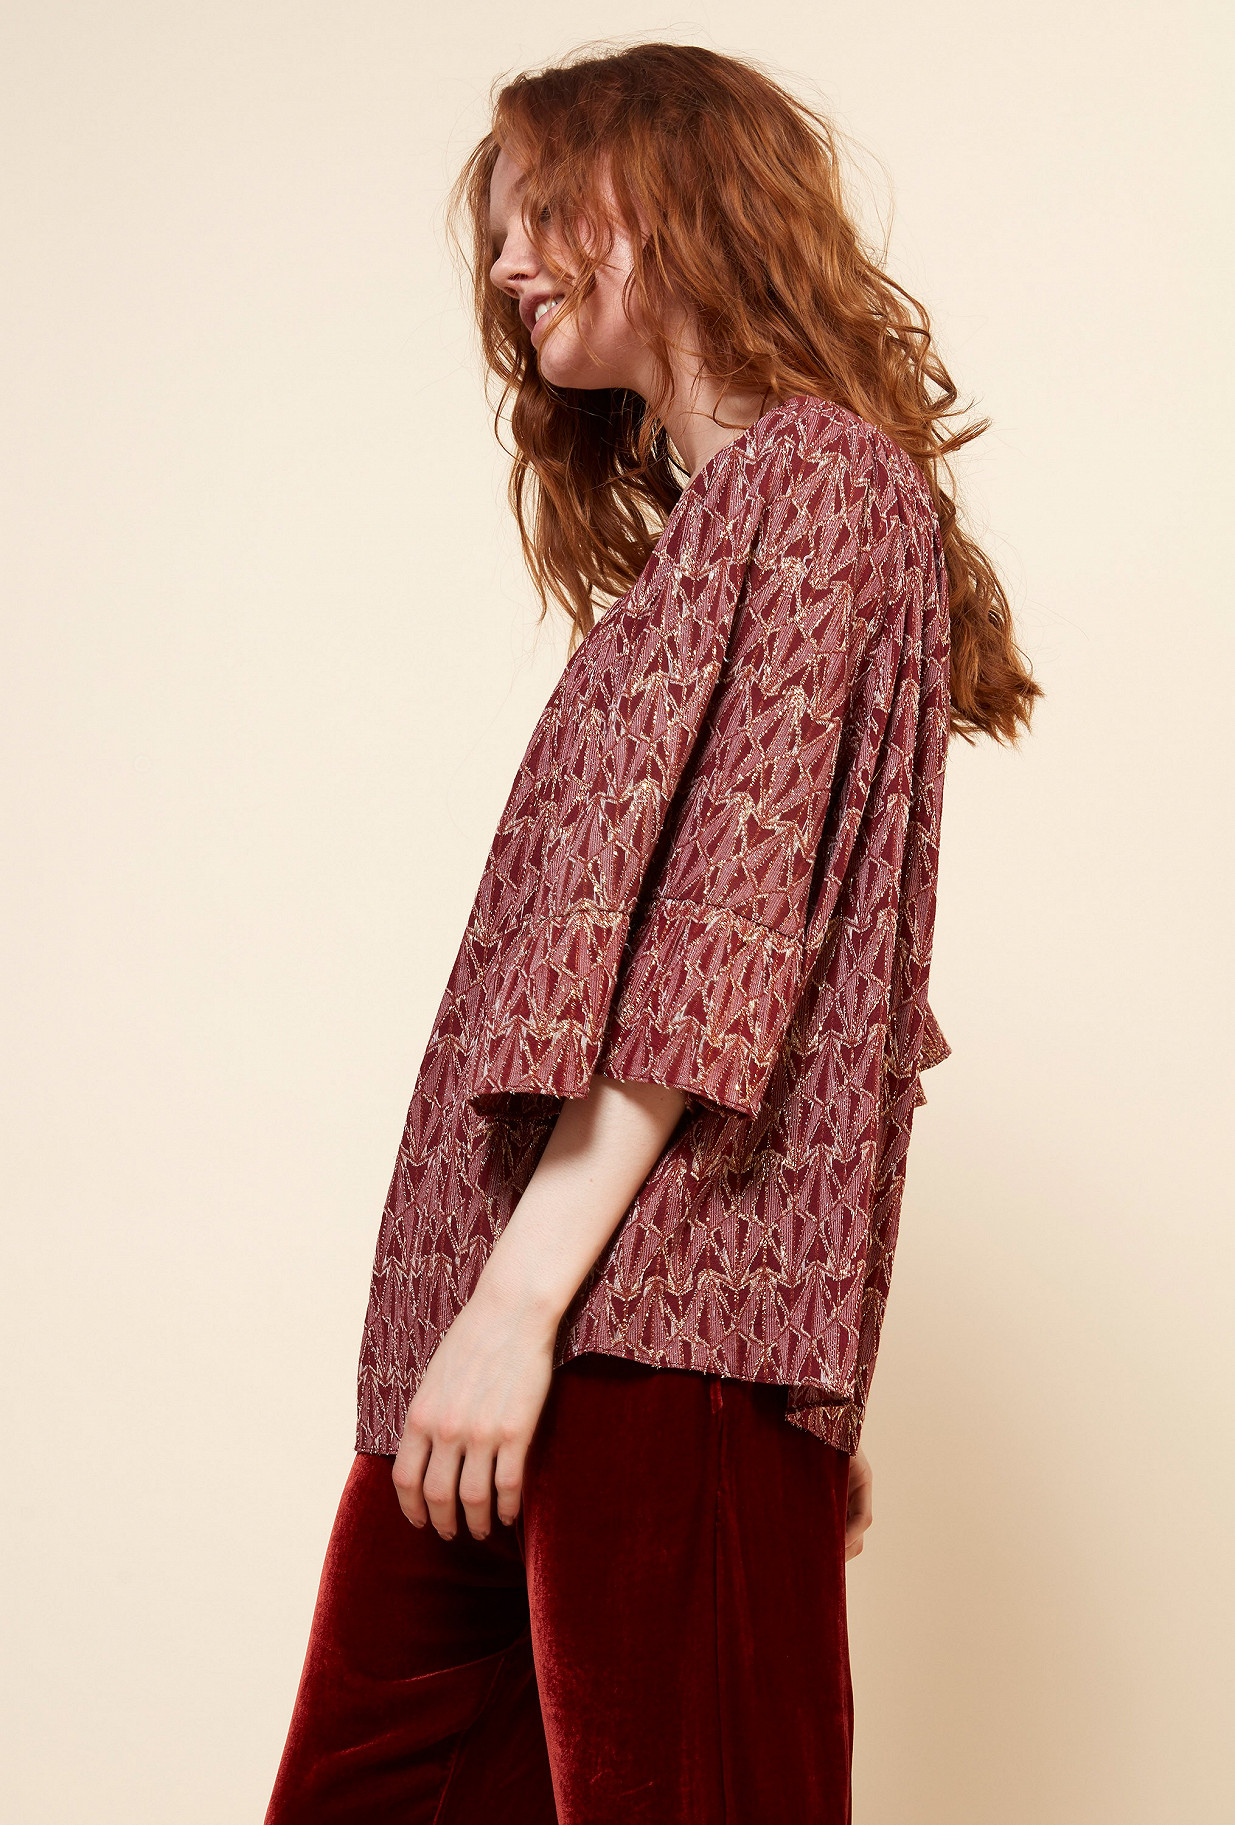 Red  Blouse  Bacchante Mes demoiselles fashion clothes designer Paris